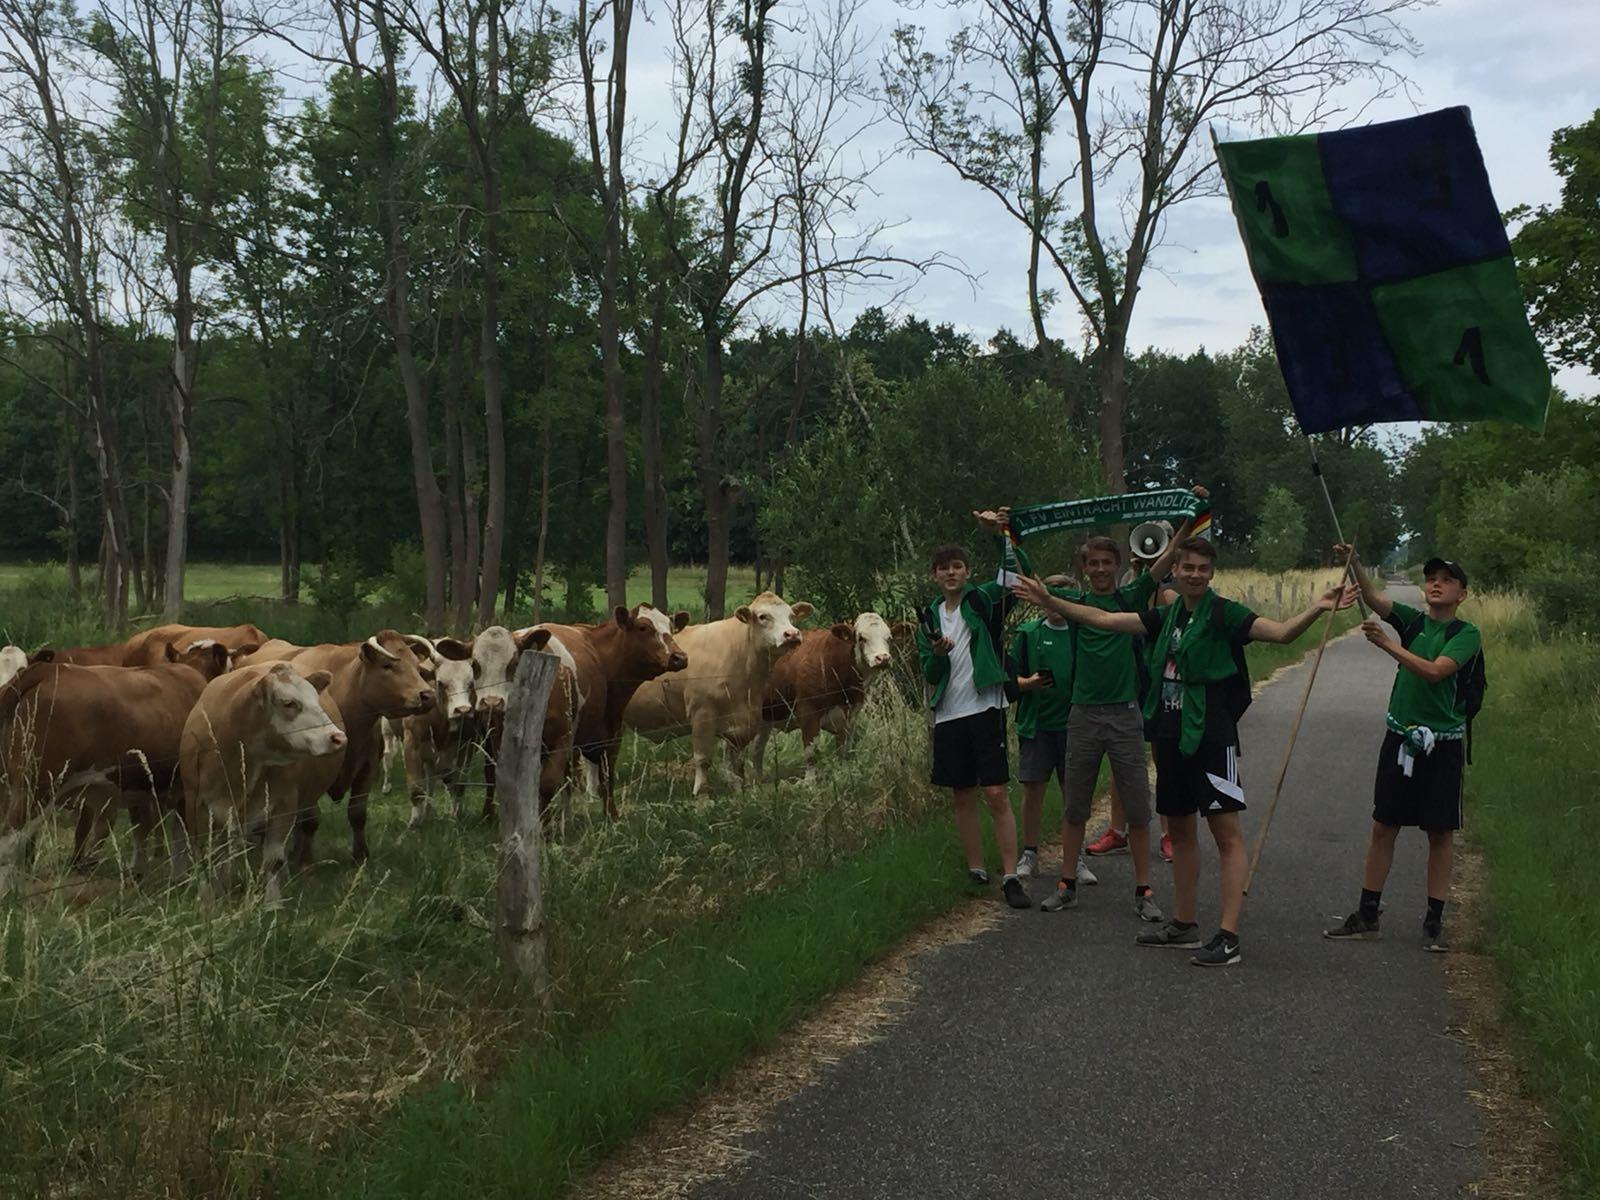 20180616 Wandlitzer Junioren als Ultras zum Spiel nach Alt-Lüdersdorf1